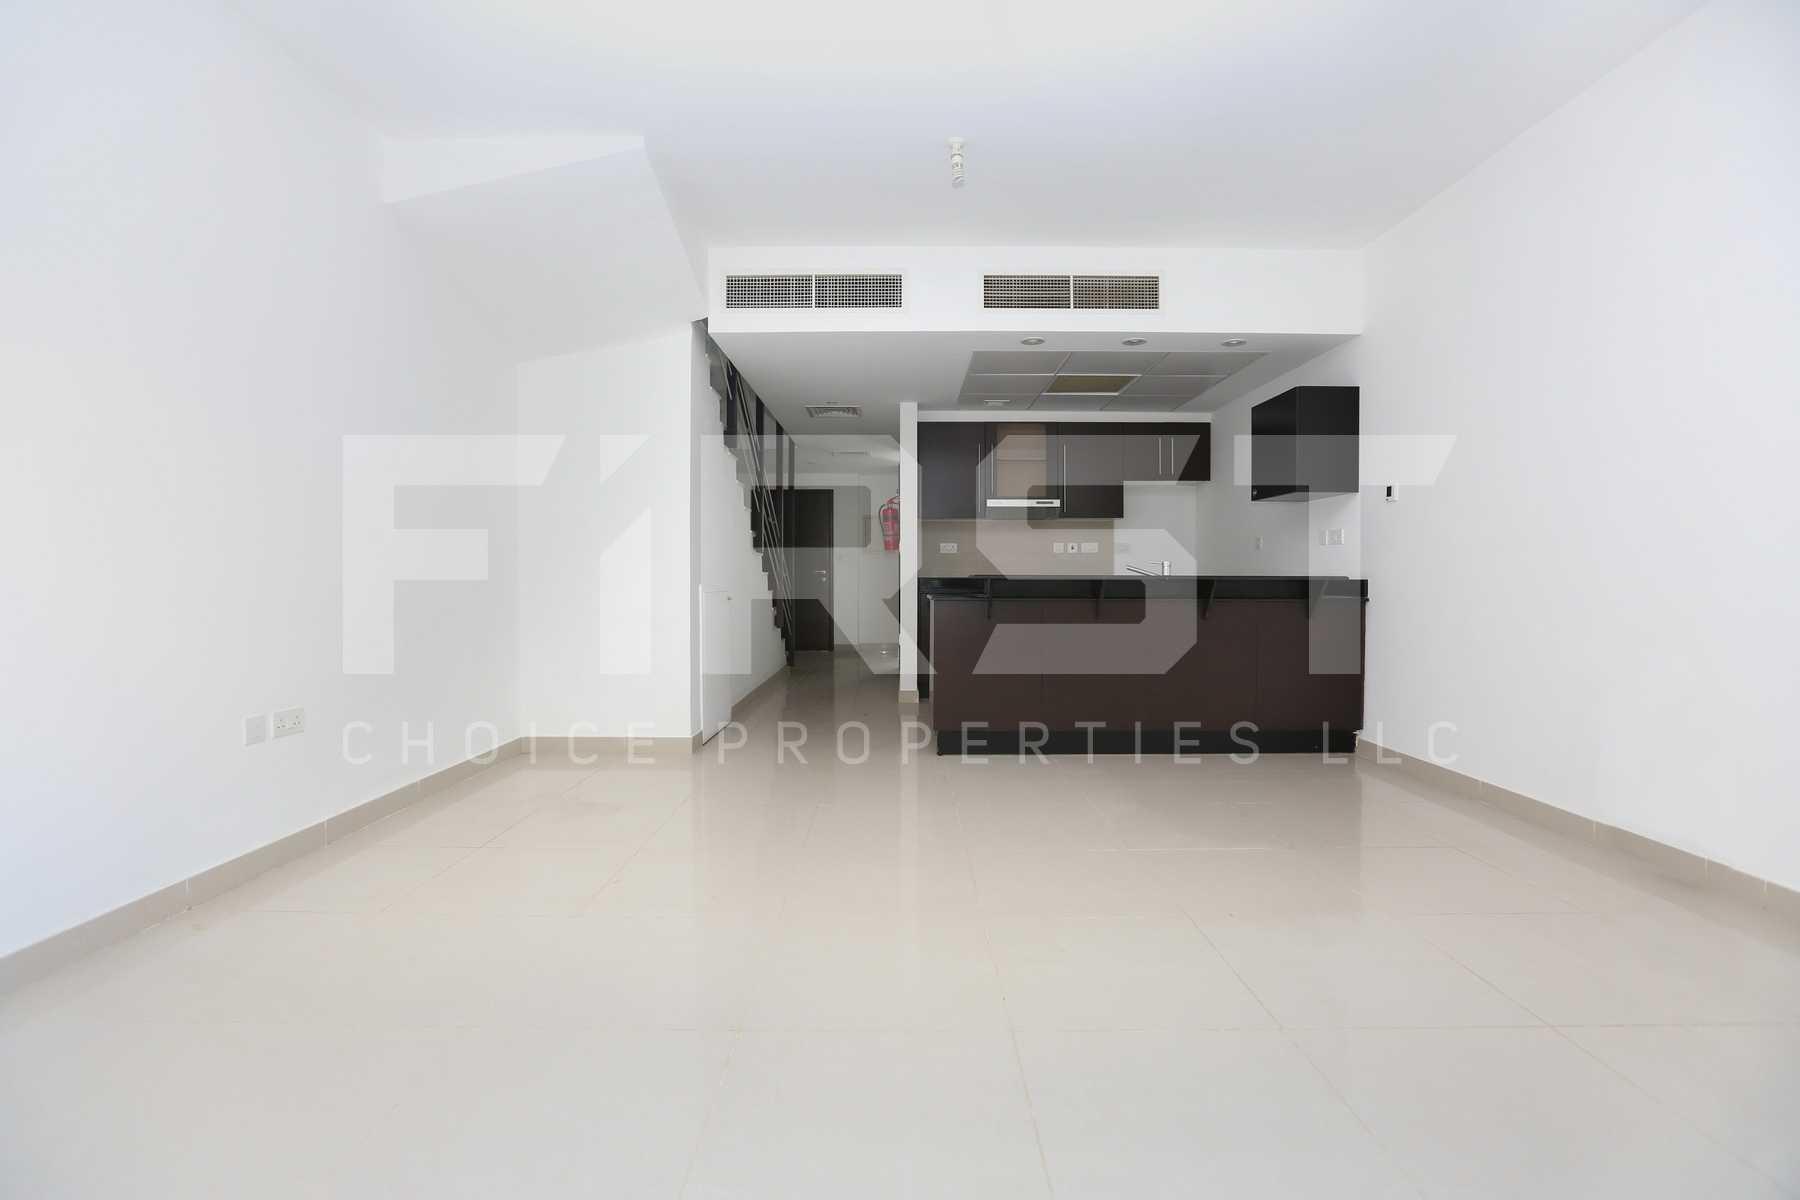 Internal Photo of 2 Bedroom Villa in Al Reef Villas  Al Reef Abu Dhabi UAE 170.2 sq.m 1832 sq.ft (7).jpg